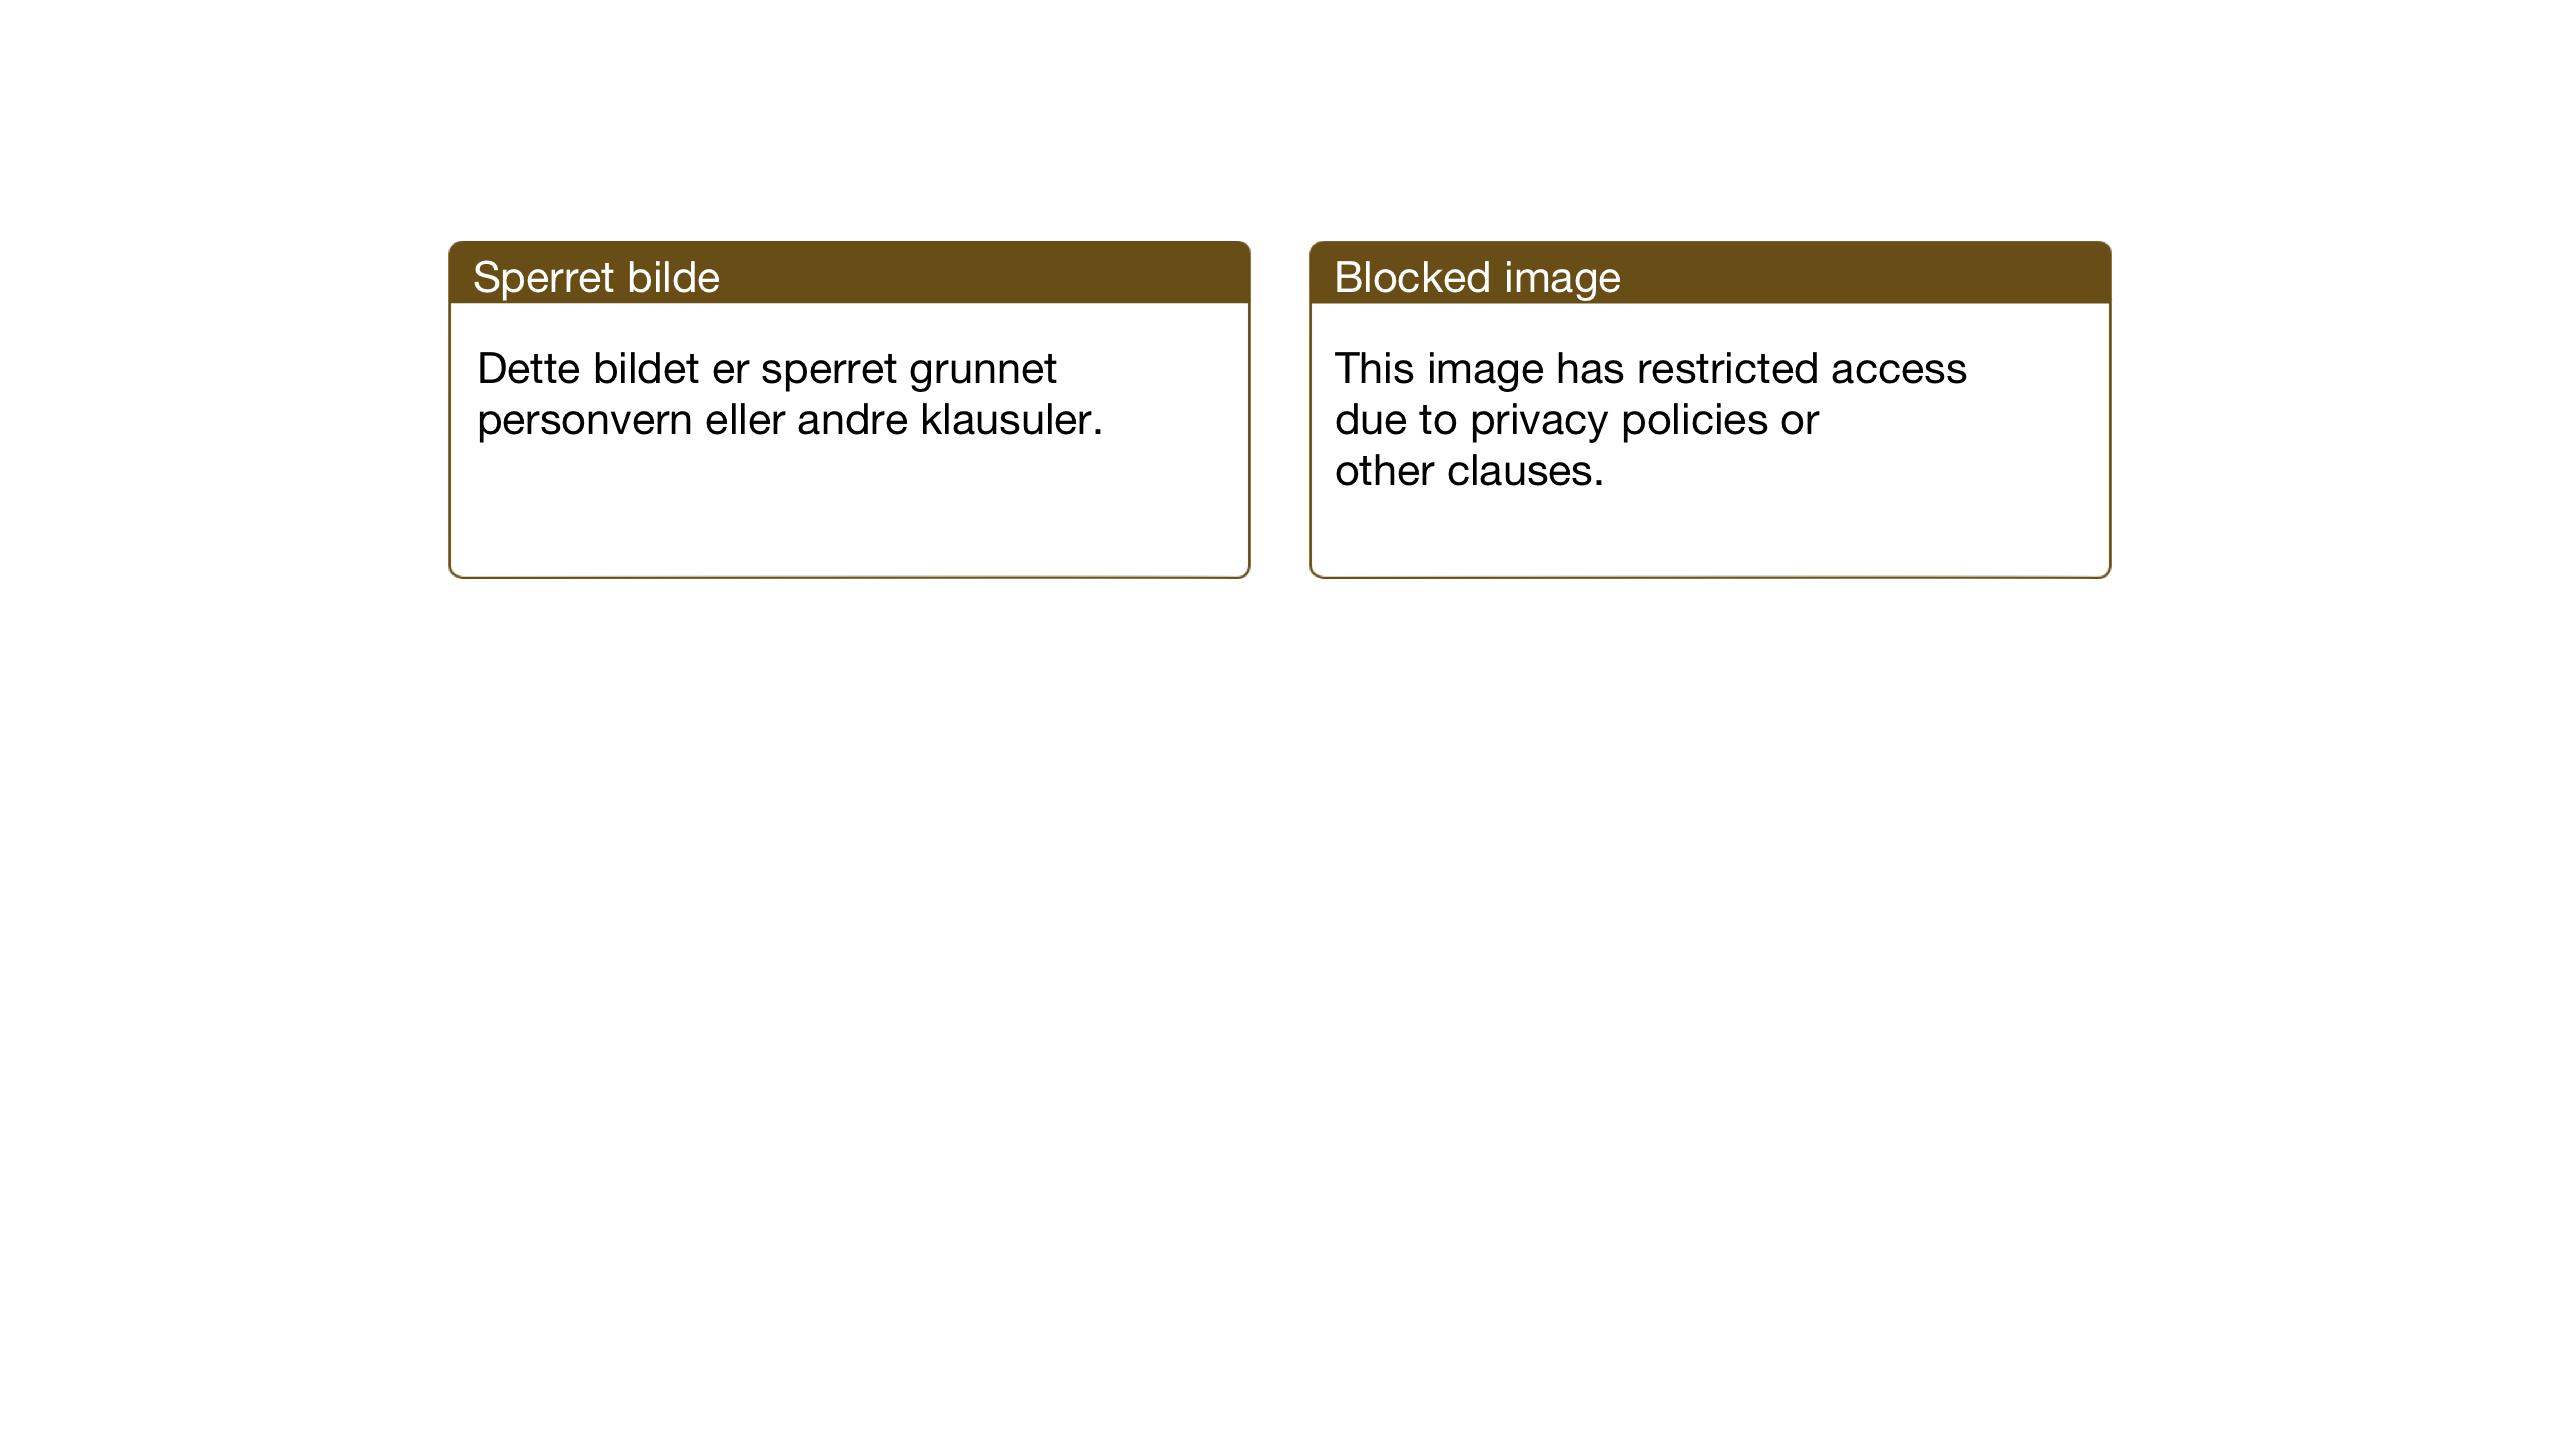 SAT, Ministerialprotokoller, klokkerbøker og fødselsregistre - Nord-Trøndelag, 701/L0019: Klokkerbok nr. 701C03, 1930-1953, s. 11